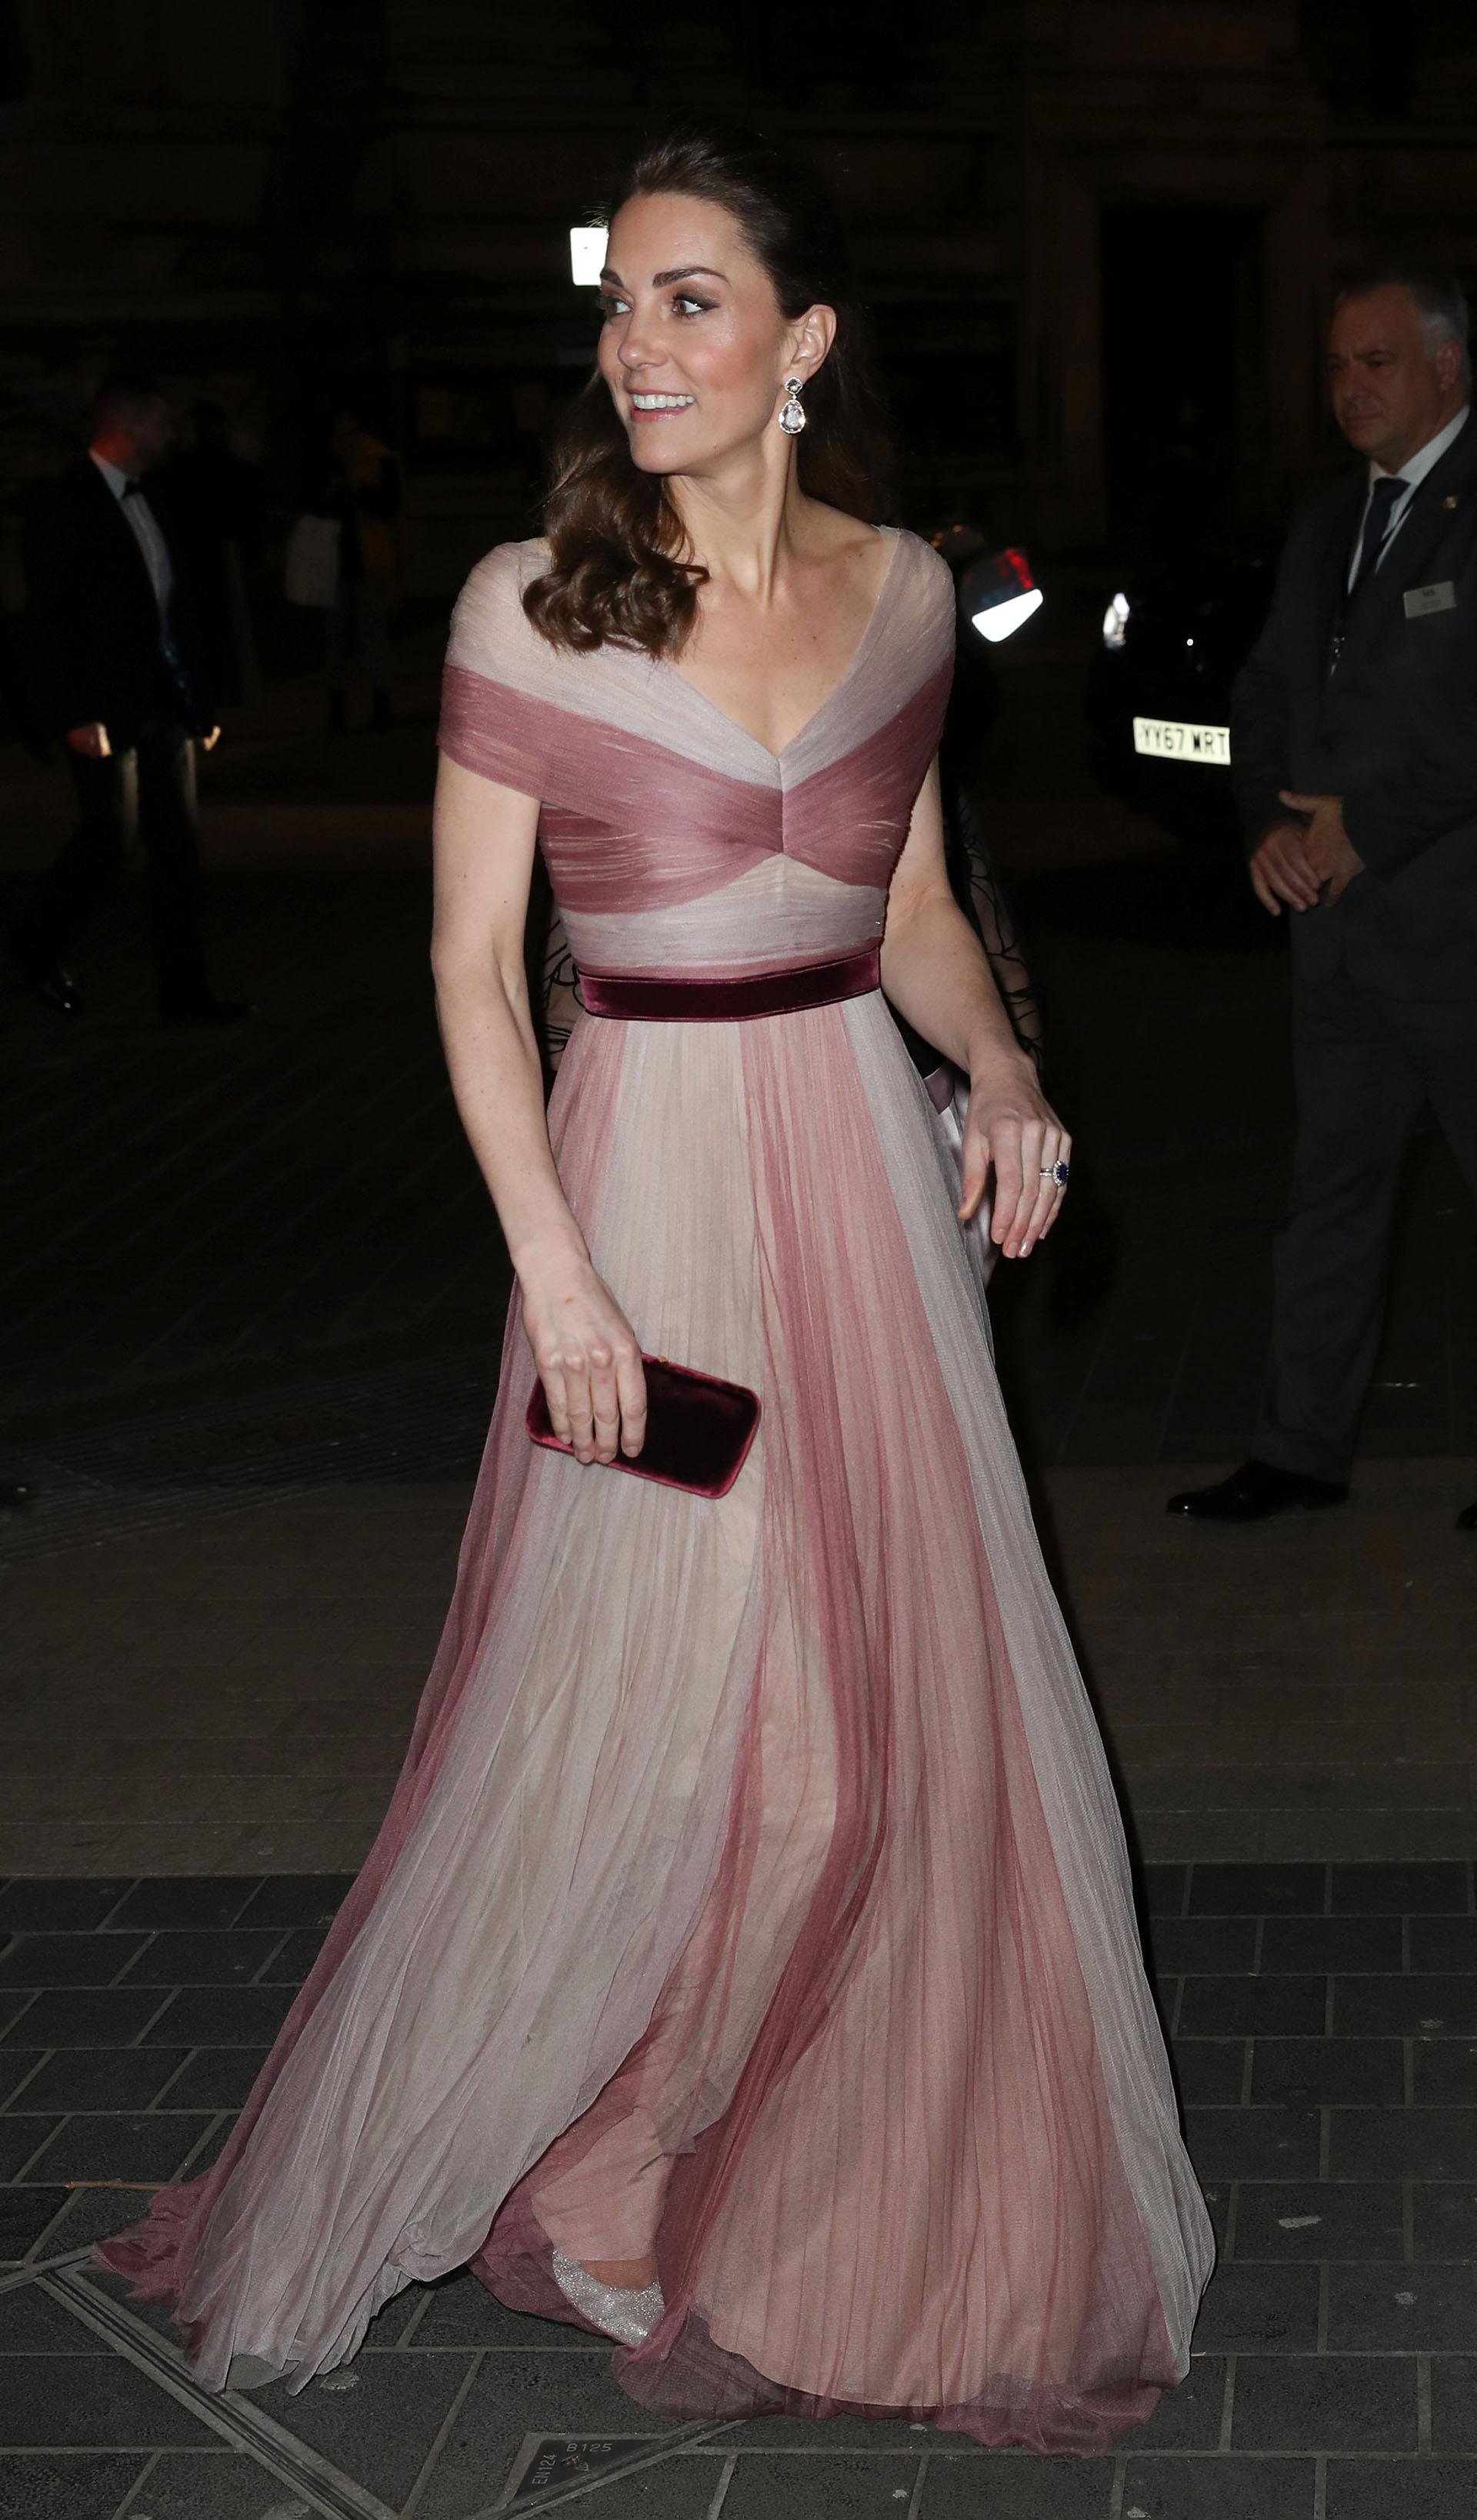 La duquesa impactó con un fabuloso vestido bicolor de Gucci, que acompañó con stilettos plata